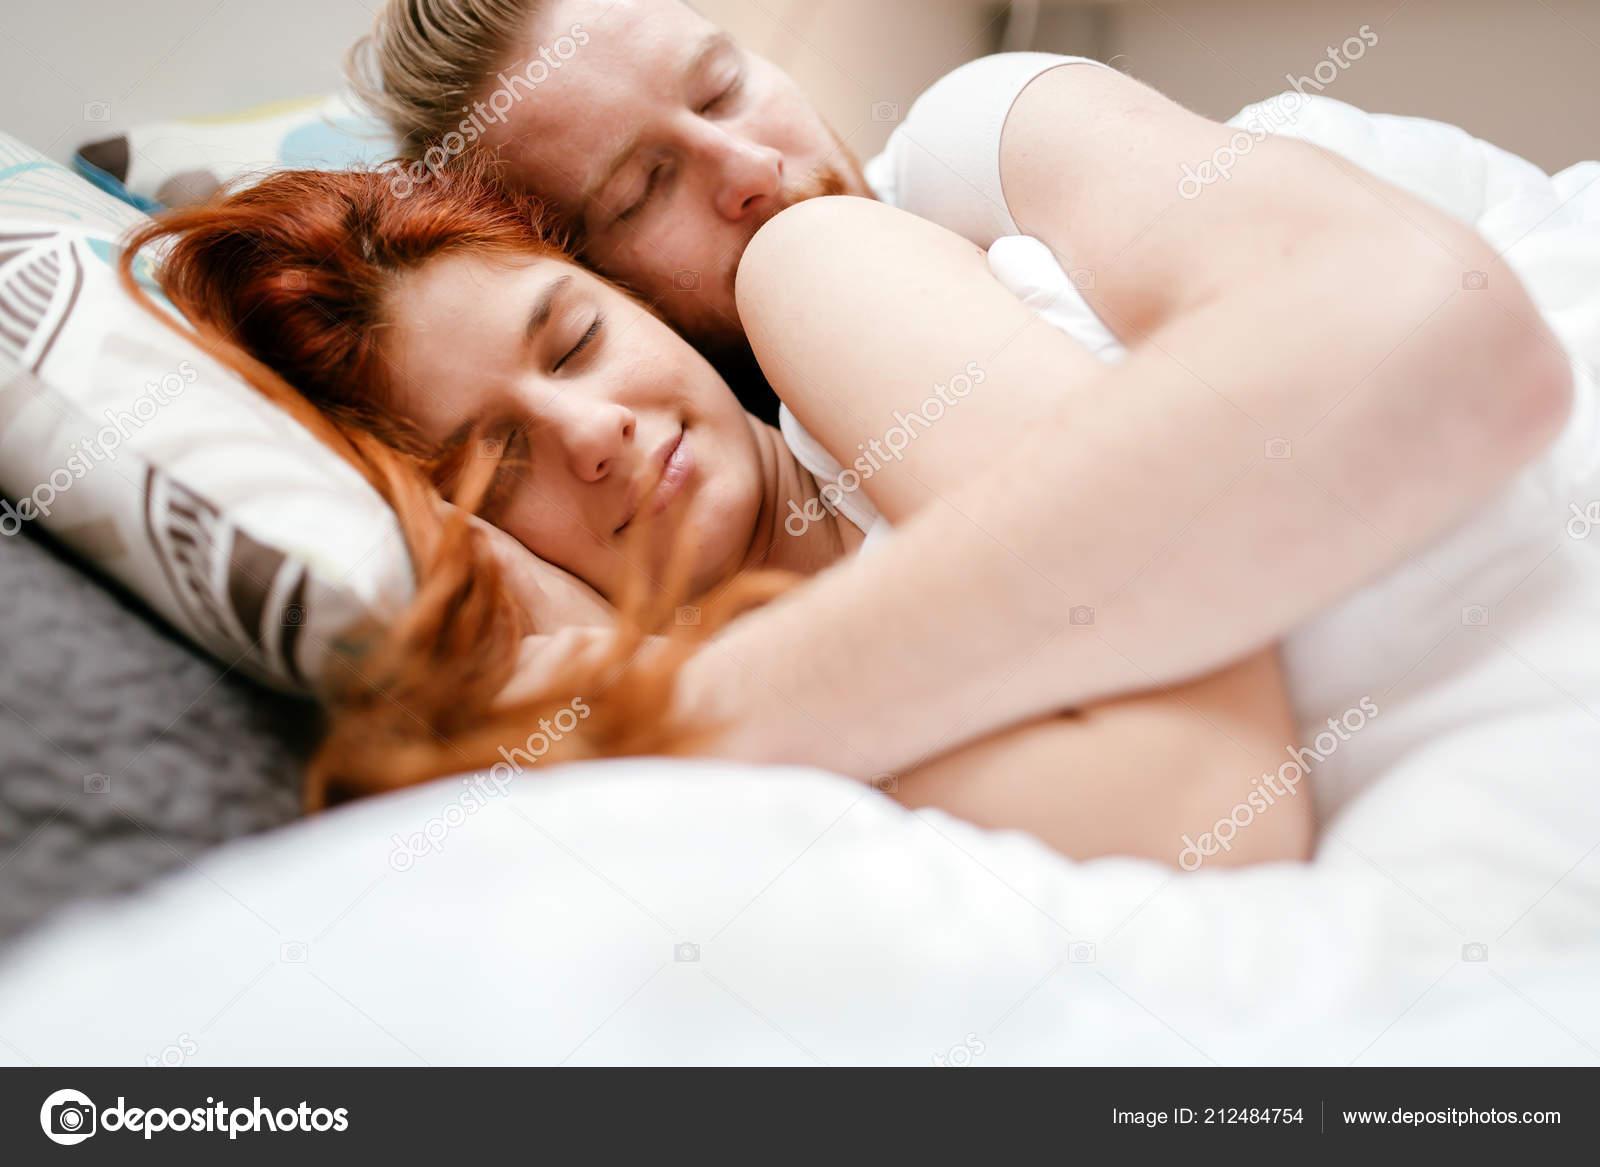 Картинки спящих влюбленных заработать онлайн нурлат